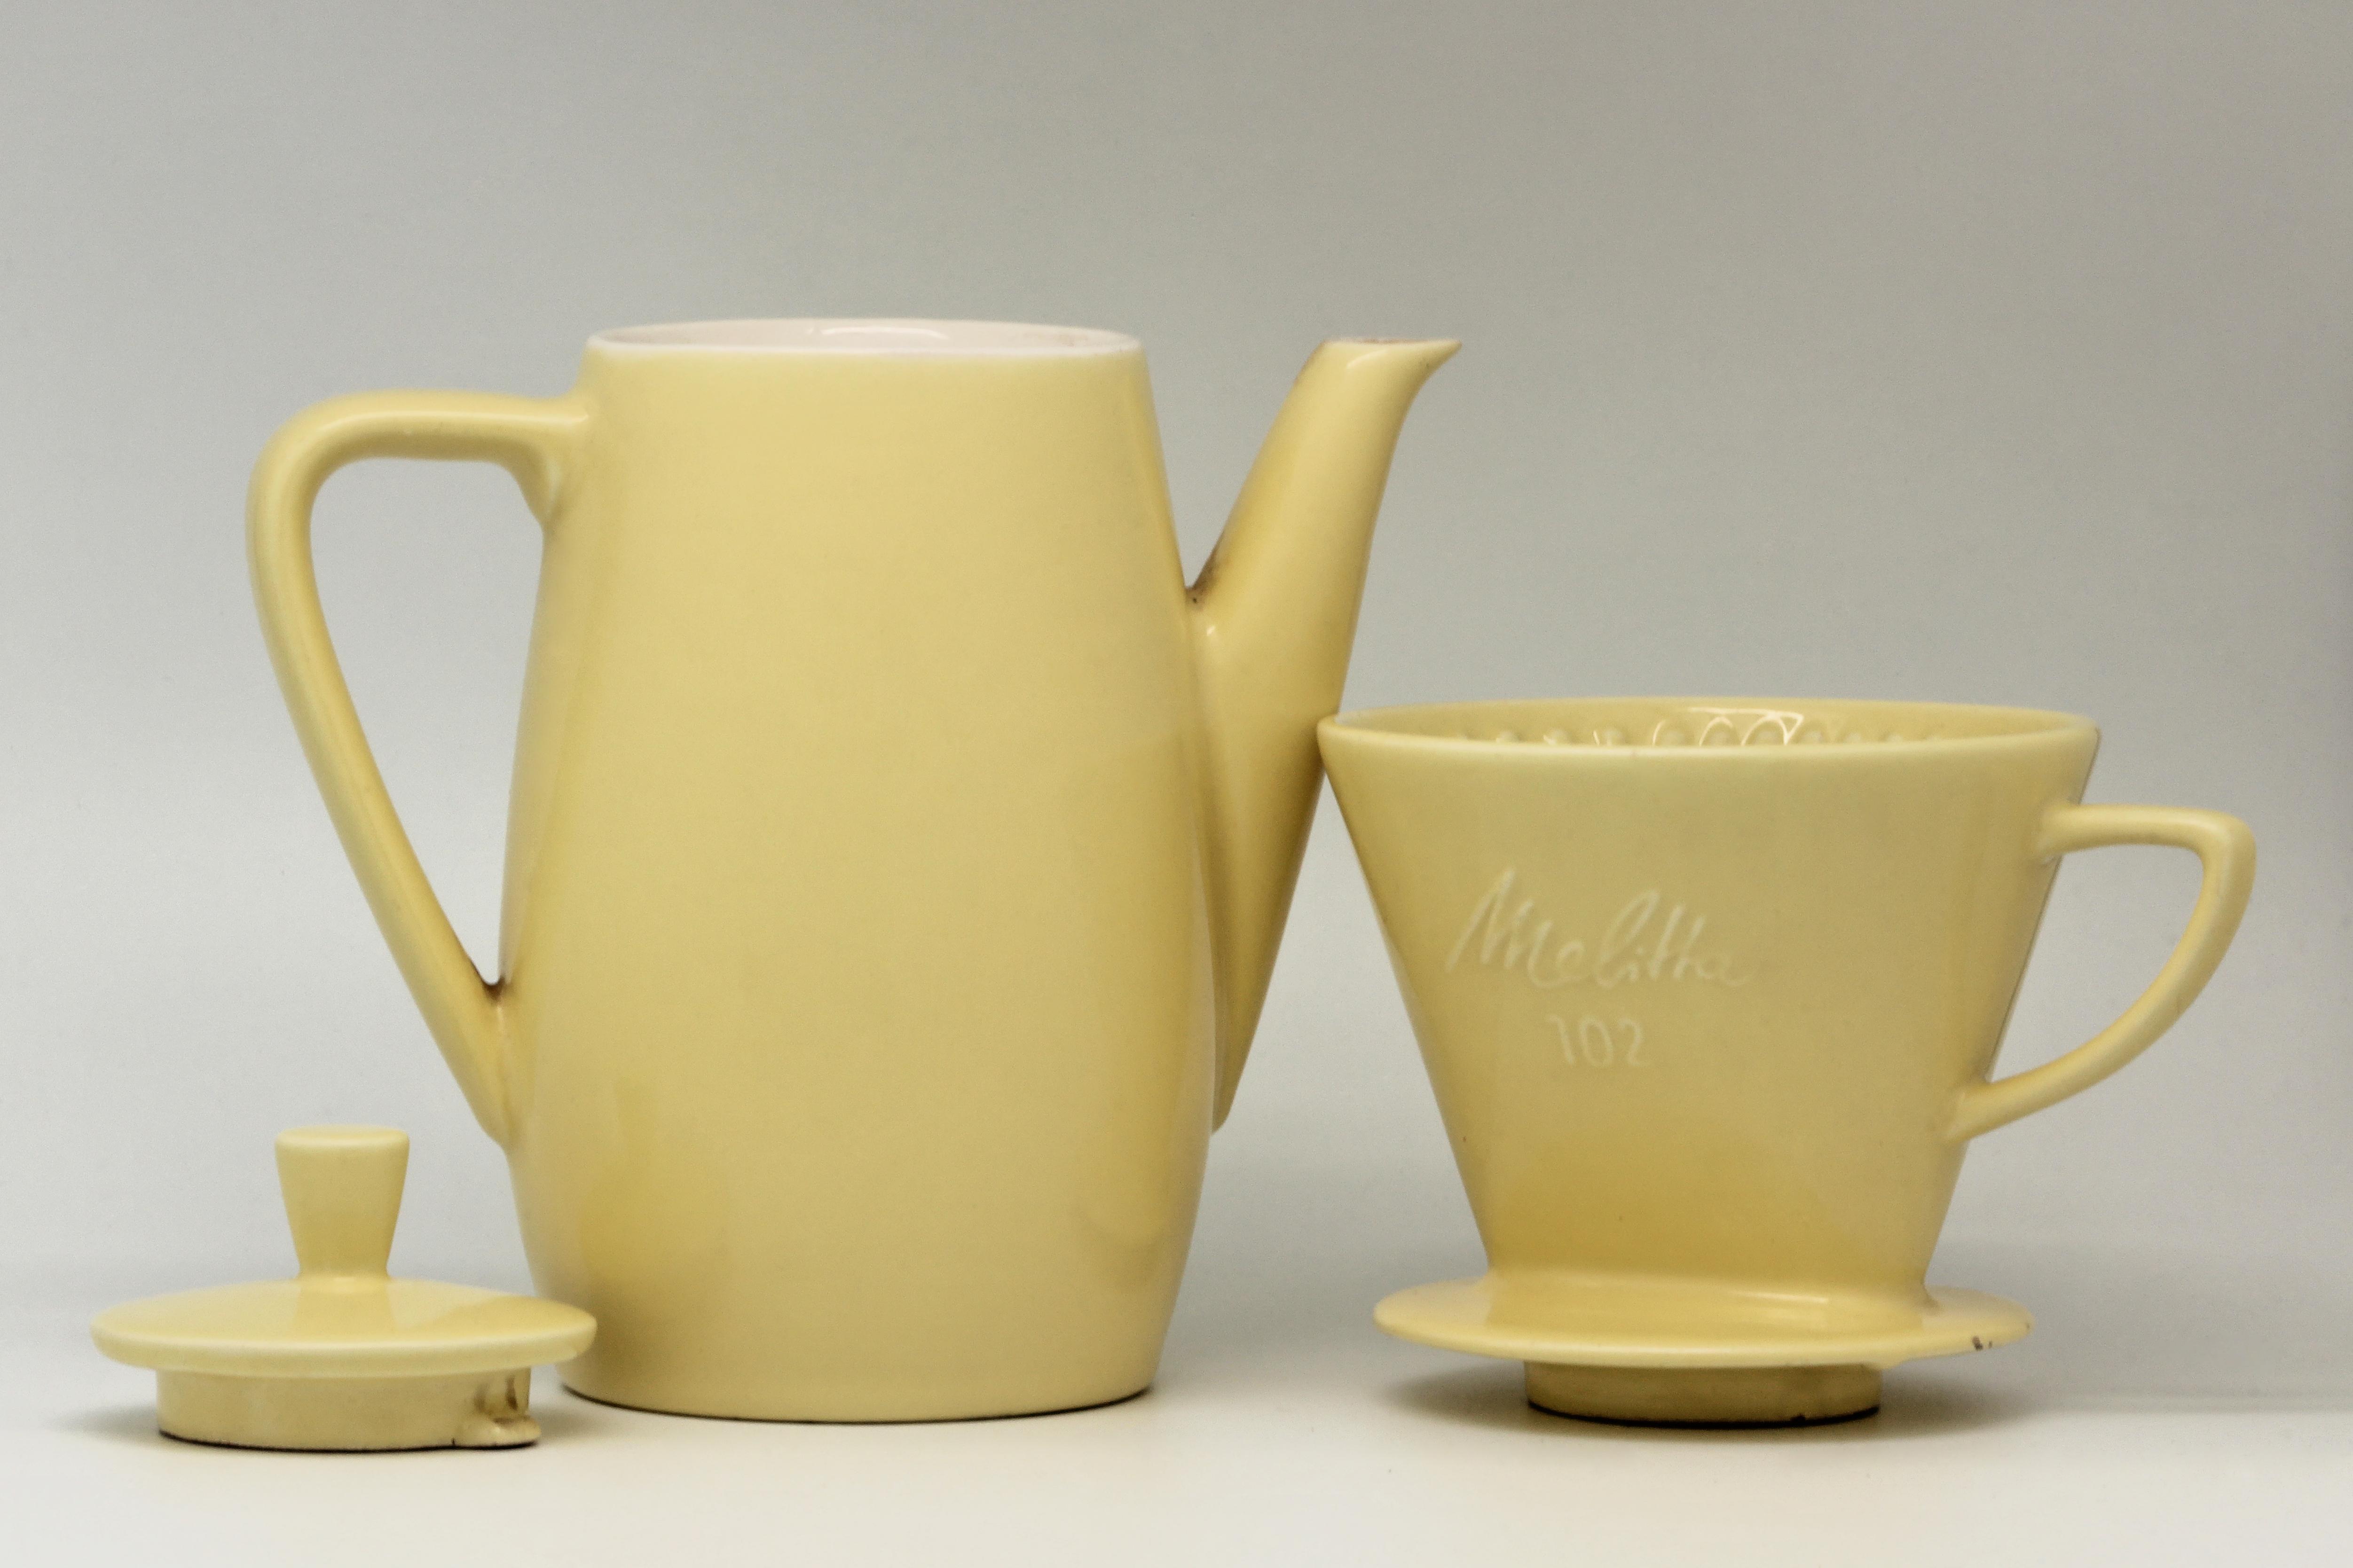 file cafeti re filtre melitta 102 en fa ence jaune 11. Black Bedroom Furniture Sets. Home Design Ideas